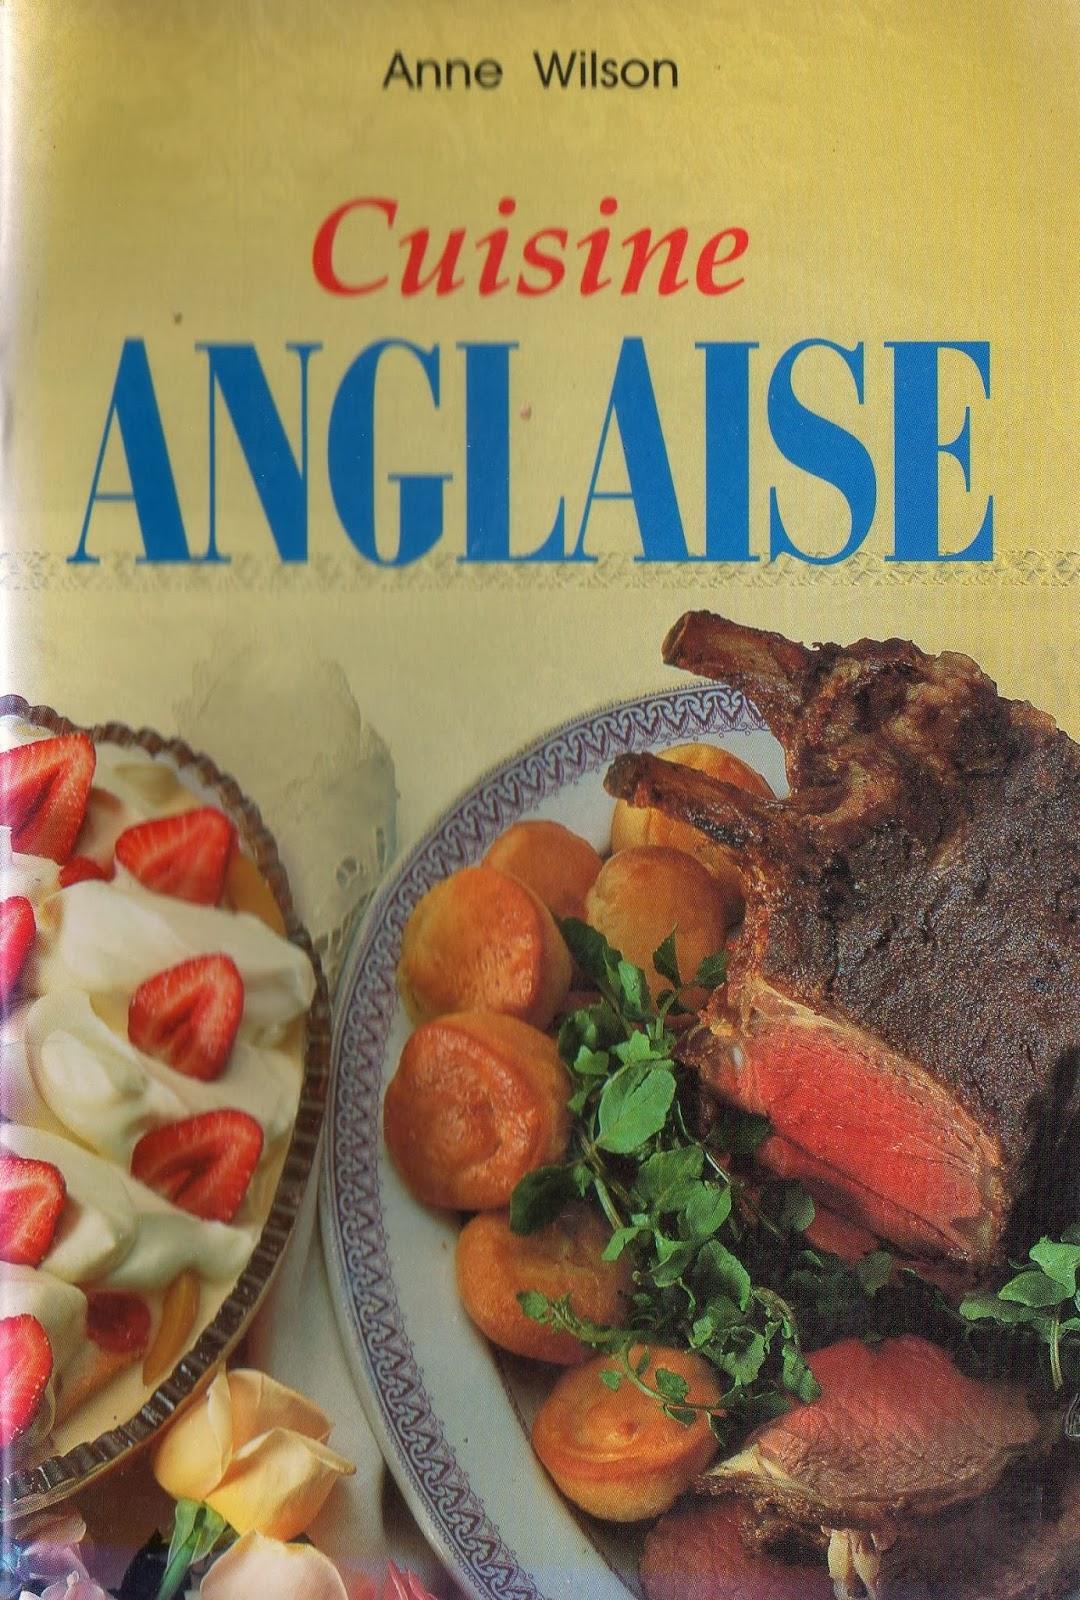 La cuisine de anne wilson cuisine anglaise for Anglaise cuisine